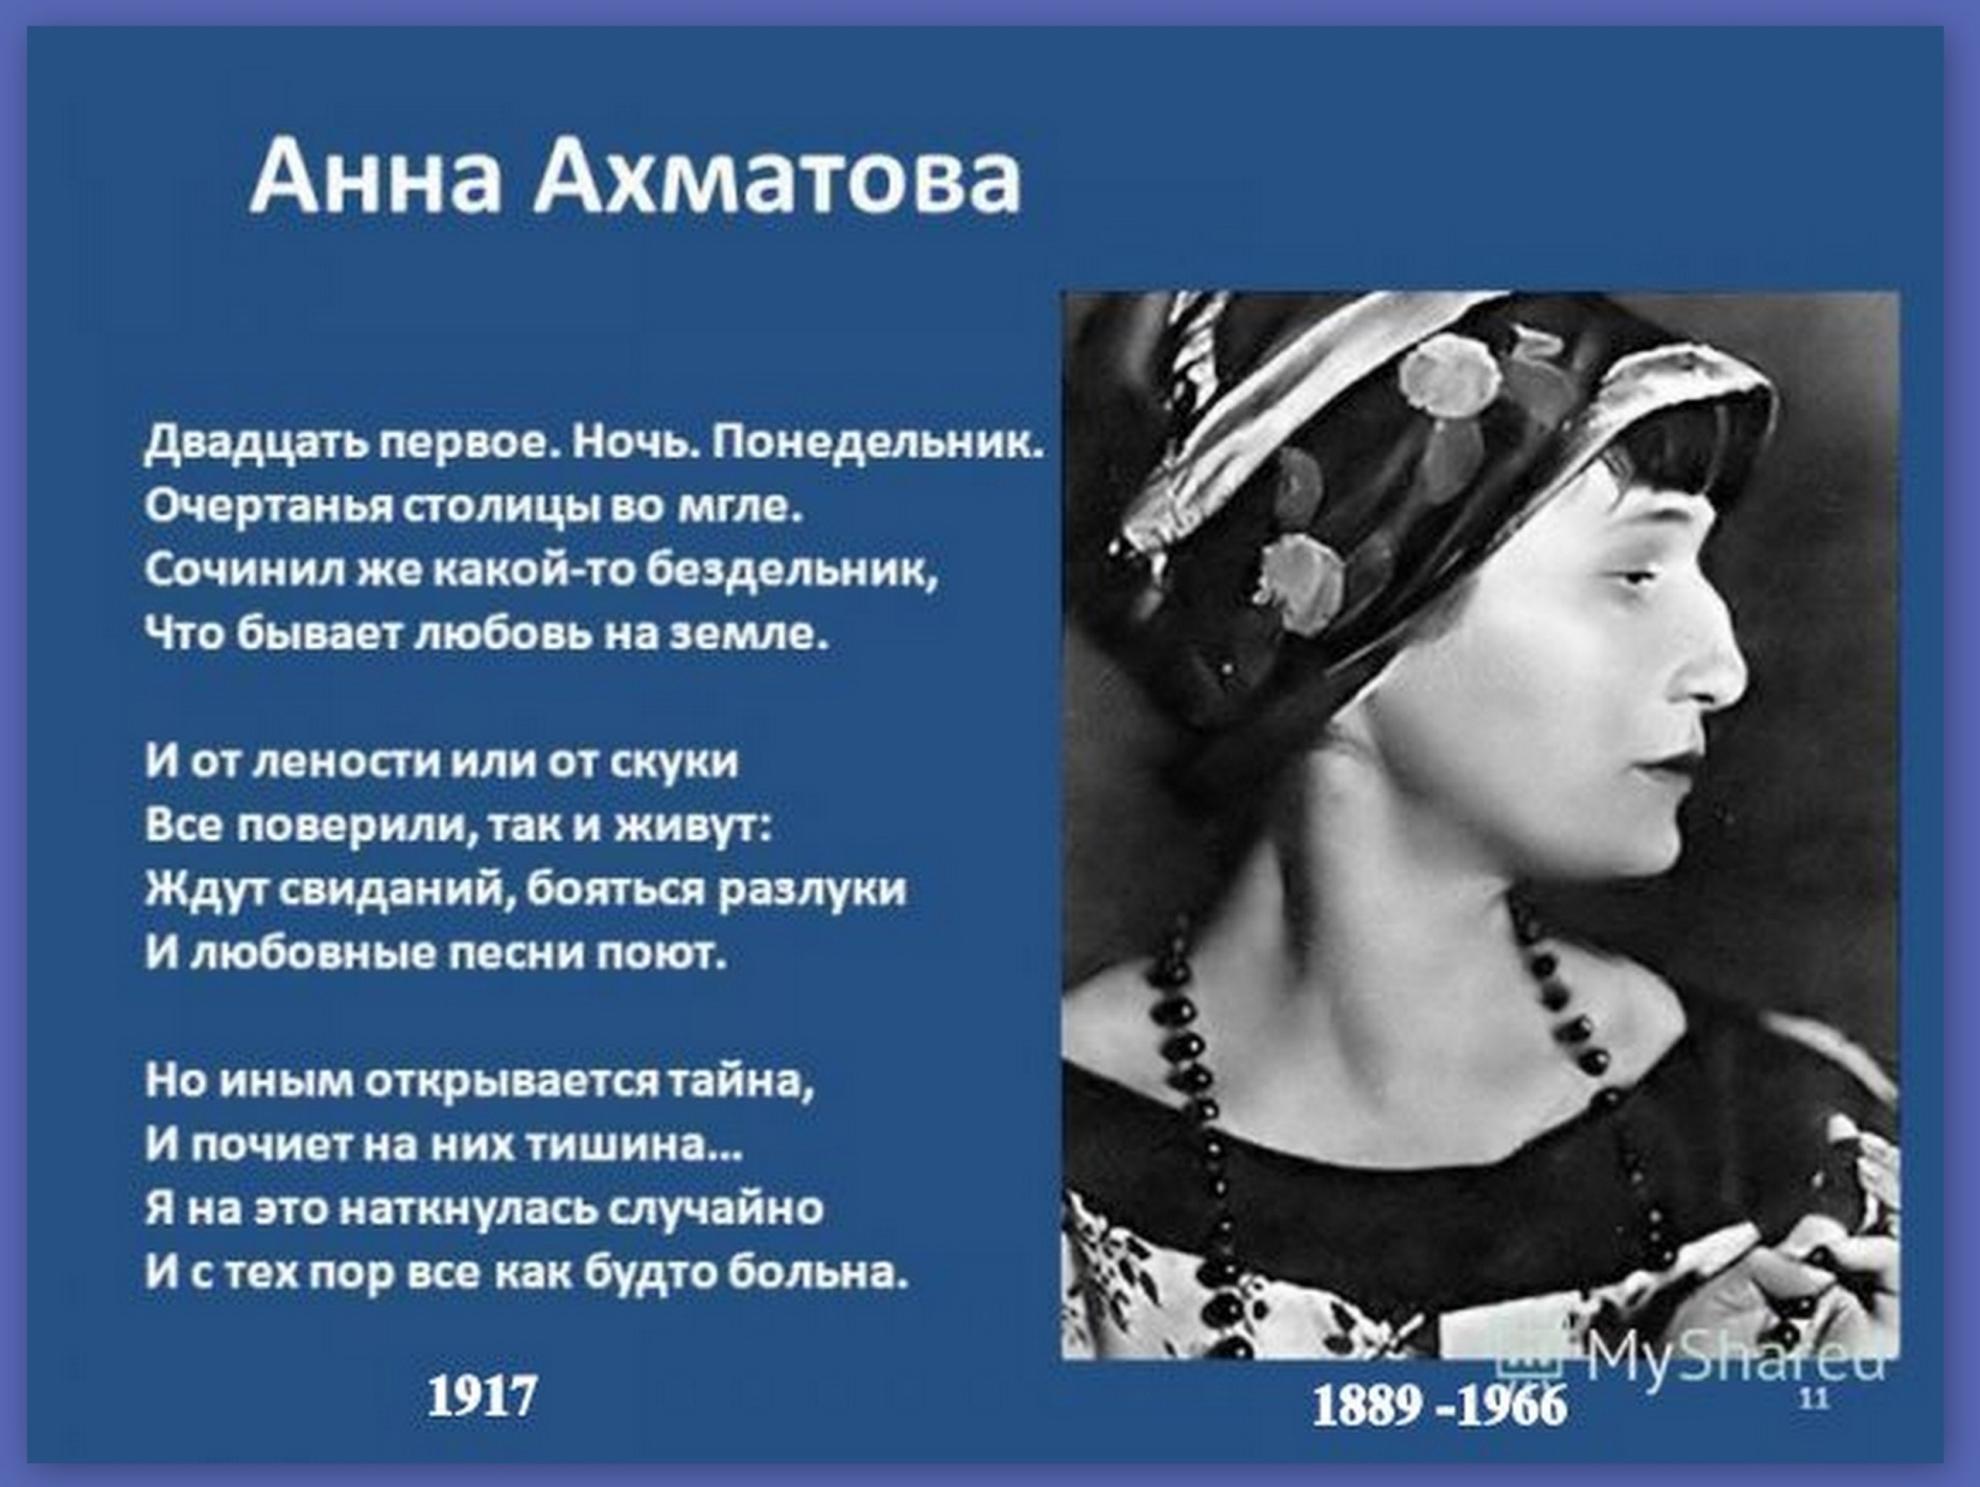 ангора анны ахматовой поздравление с юбилеем описание фото